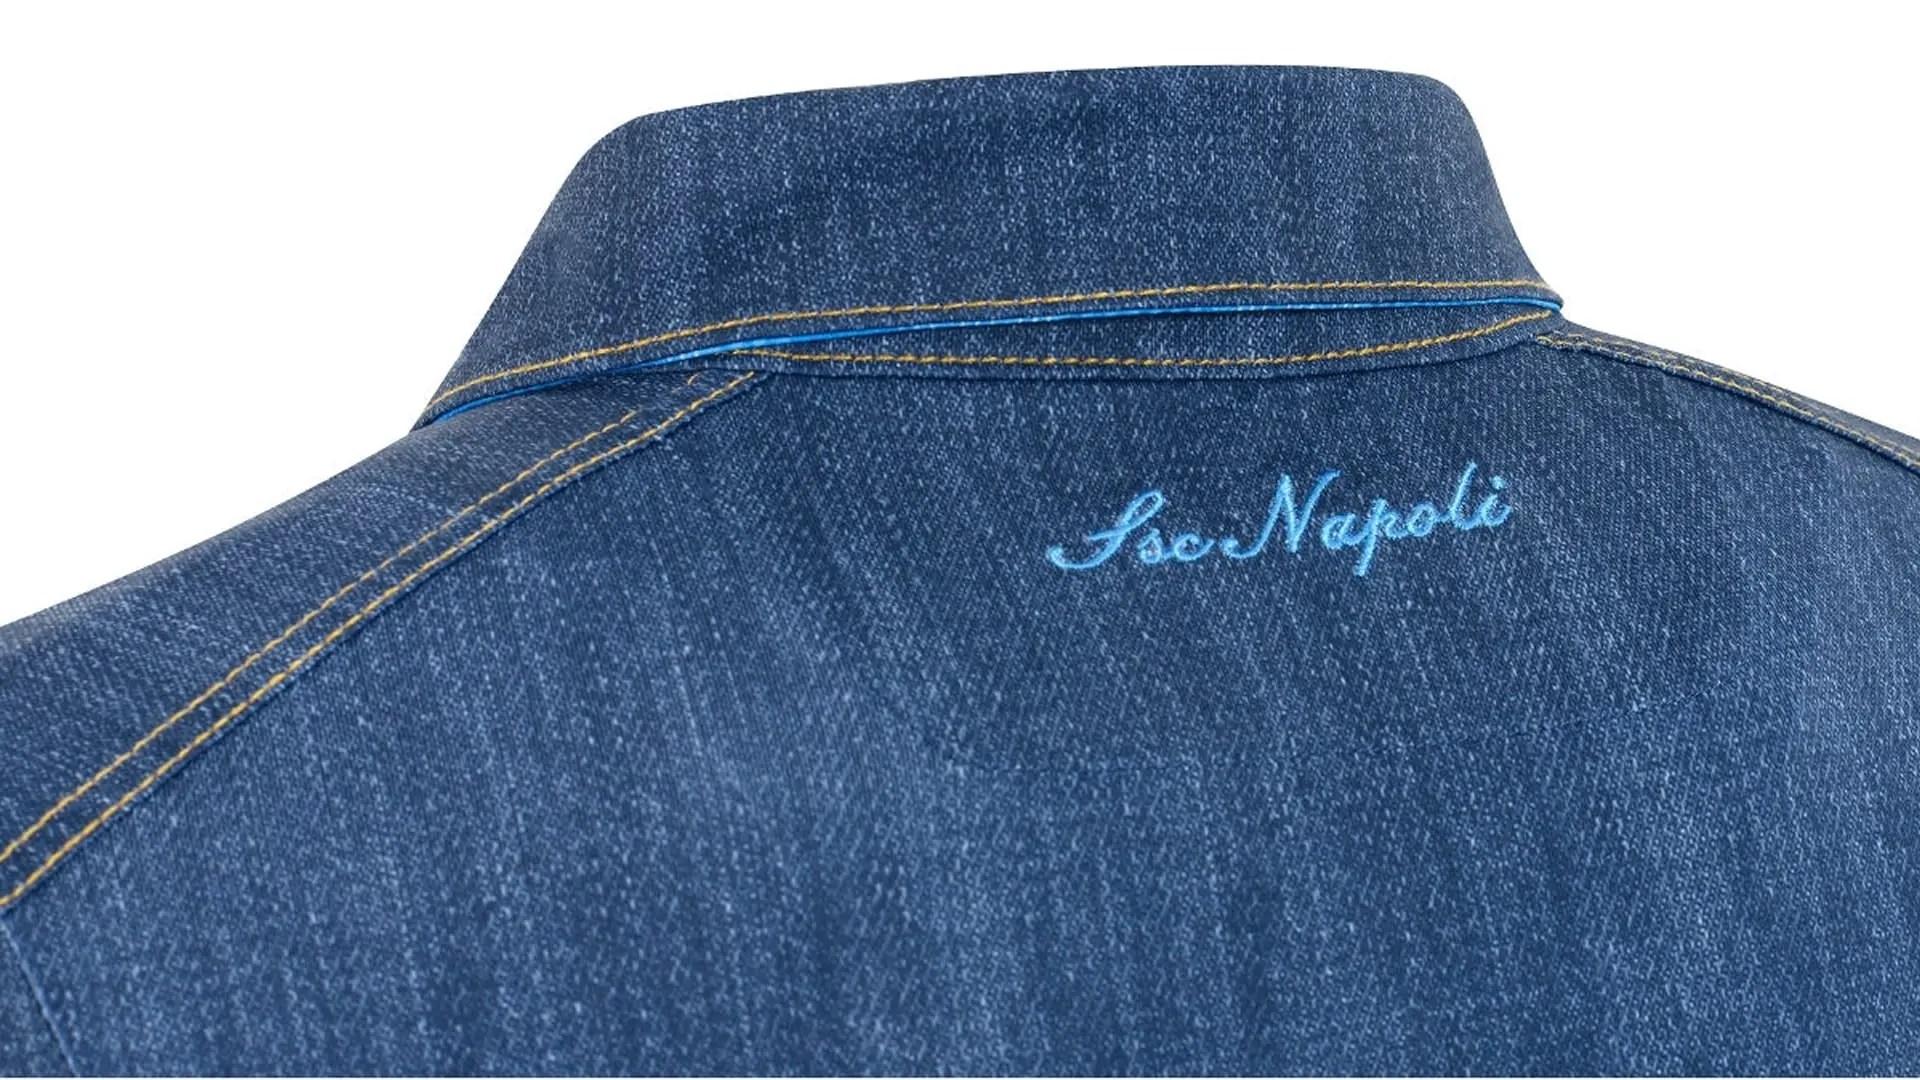 384a574267c95 Las nuevas camisetas del Napoles son de un material que imita a los vaqueros